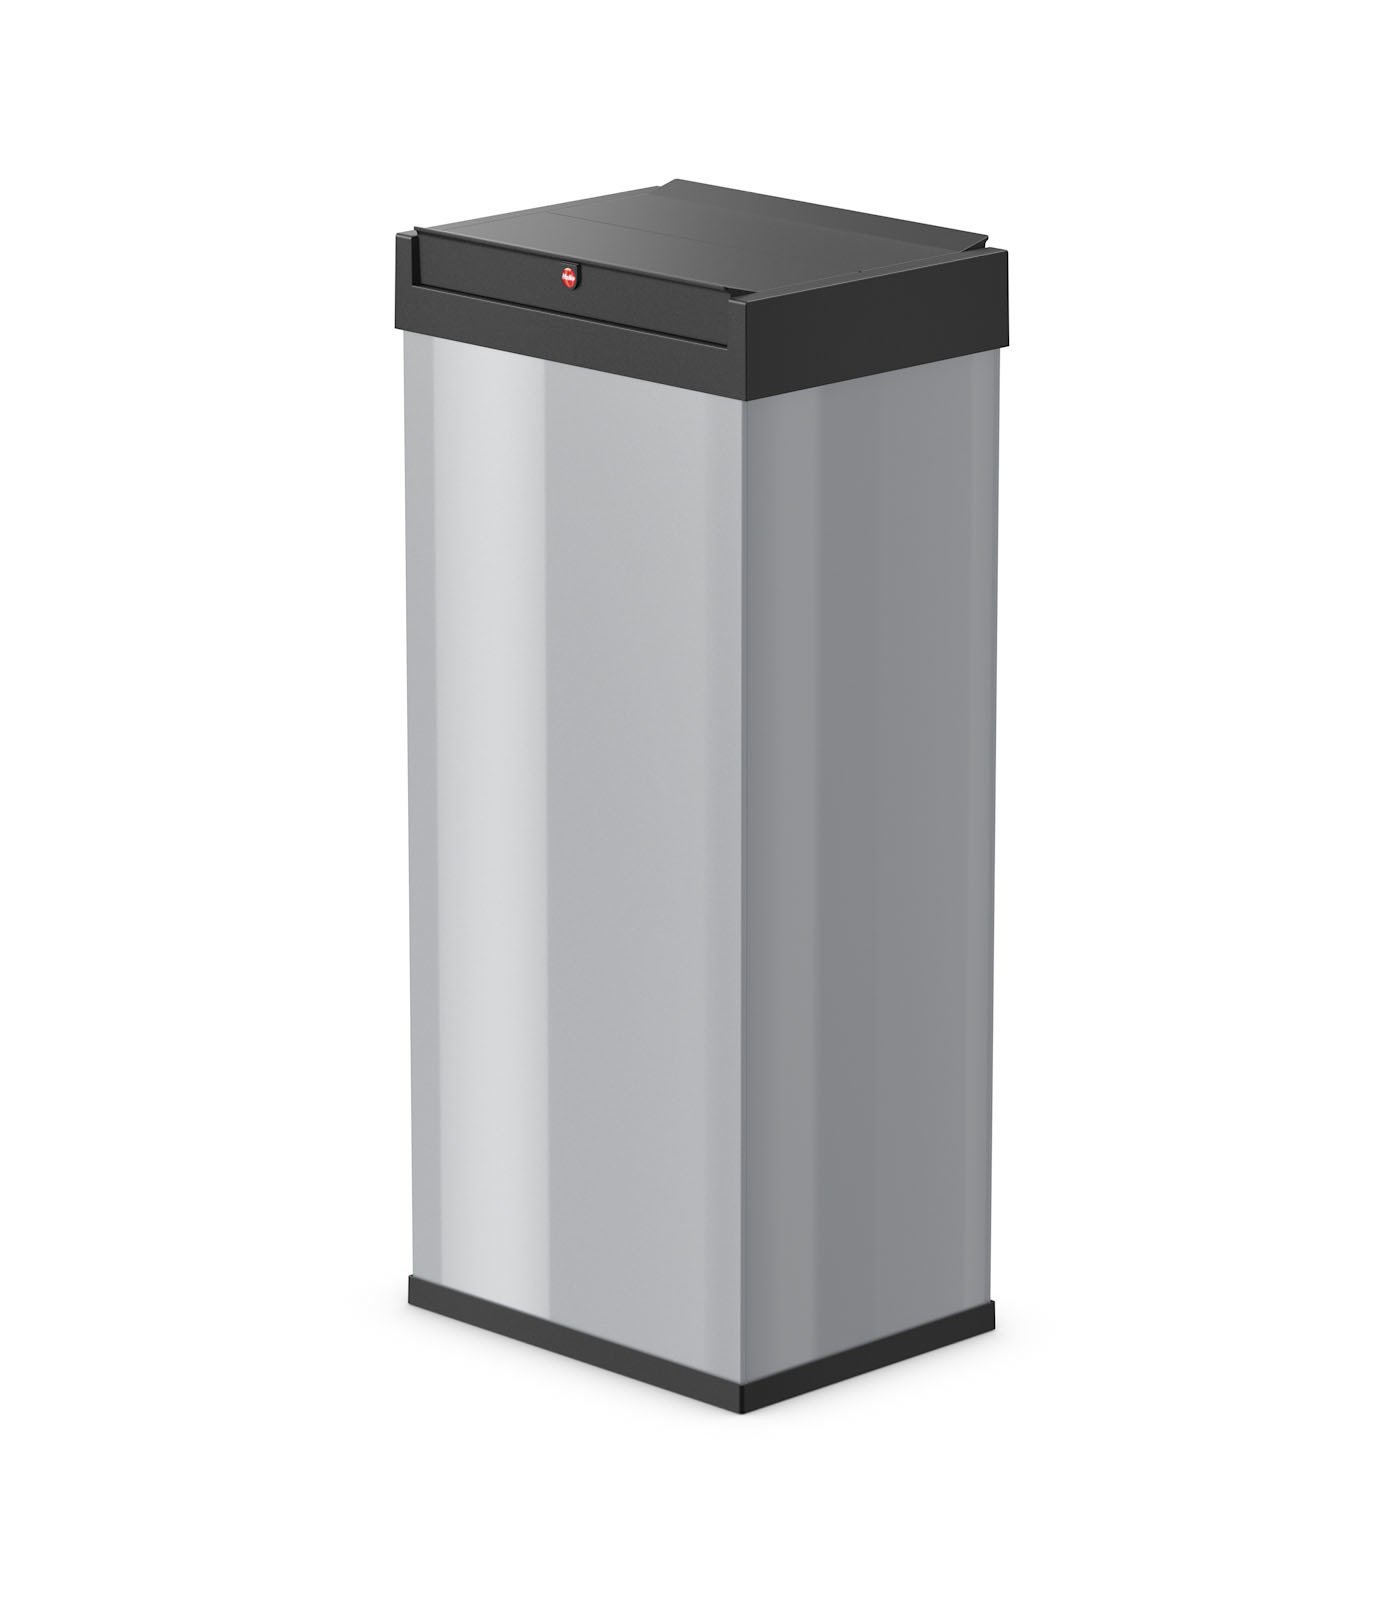 HAILO Atkritumu tvertne Big-Box Swing XL / 52L / sudraba krasa 030860221 atkritumu tvertne